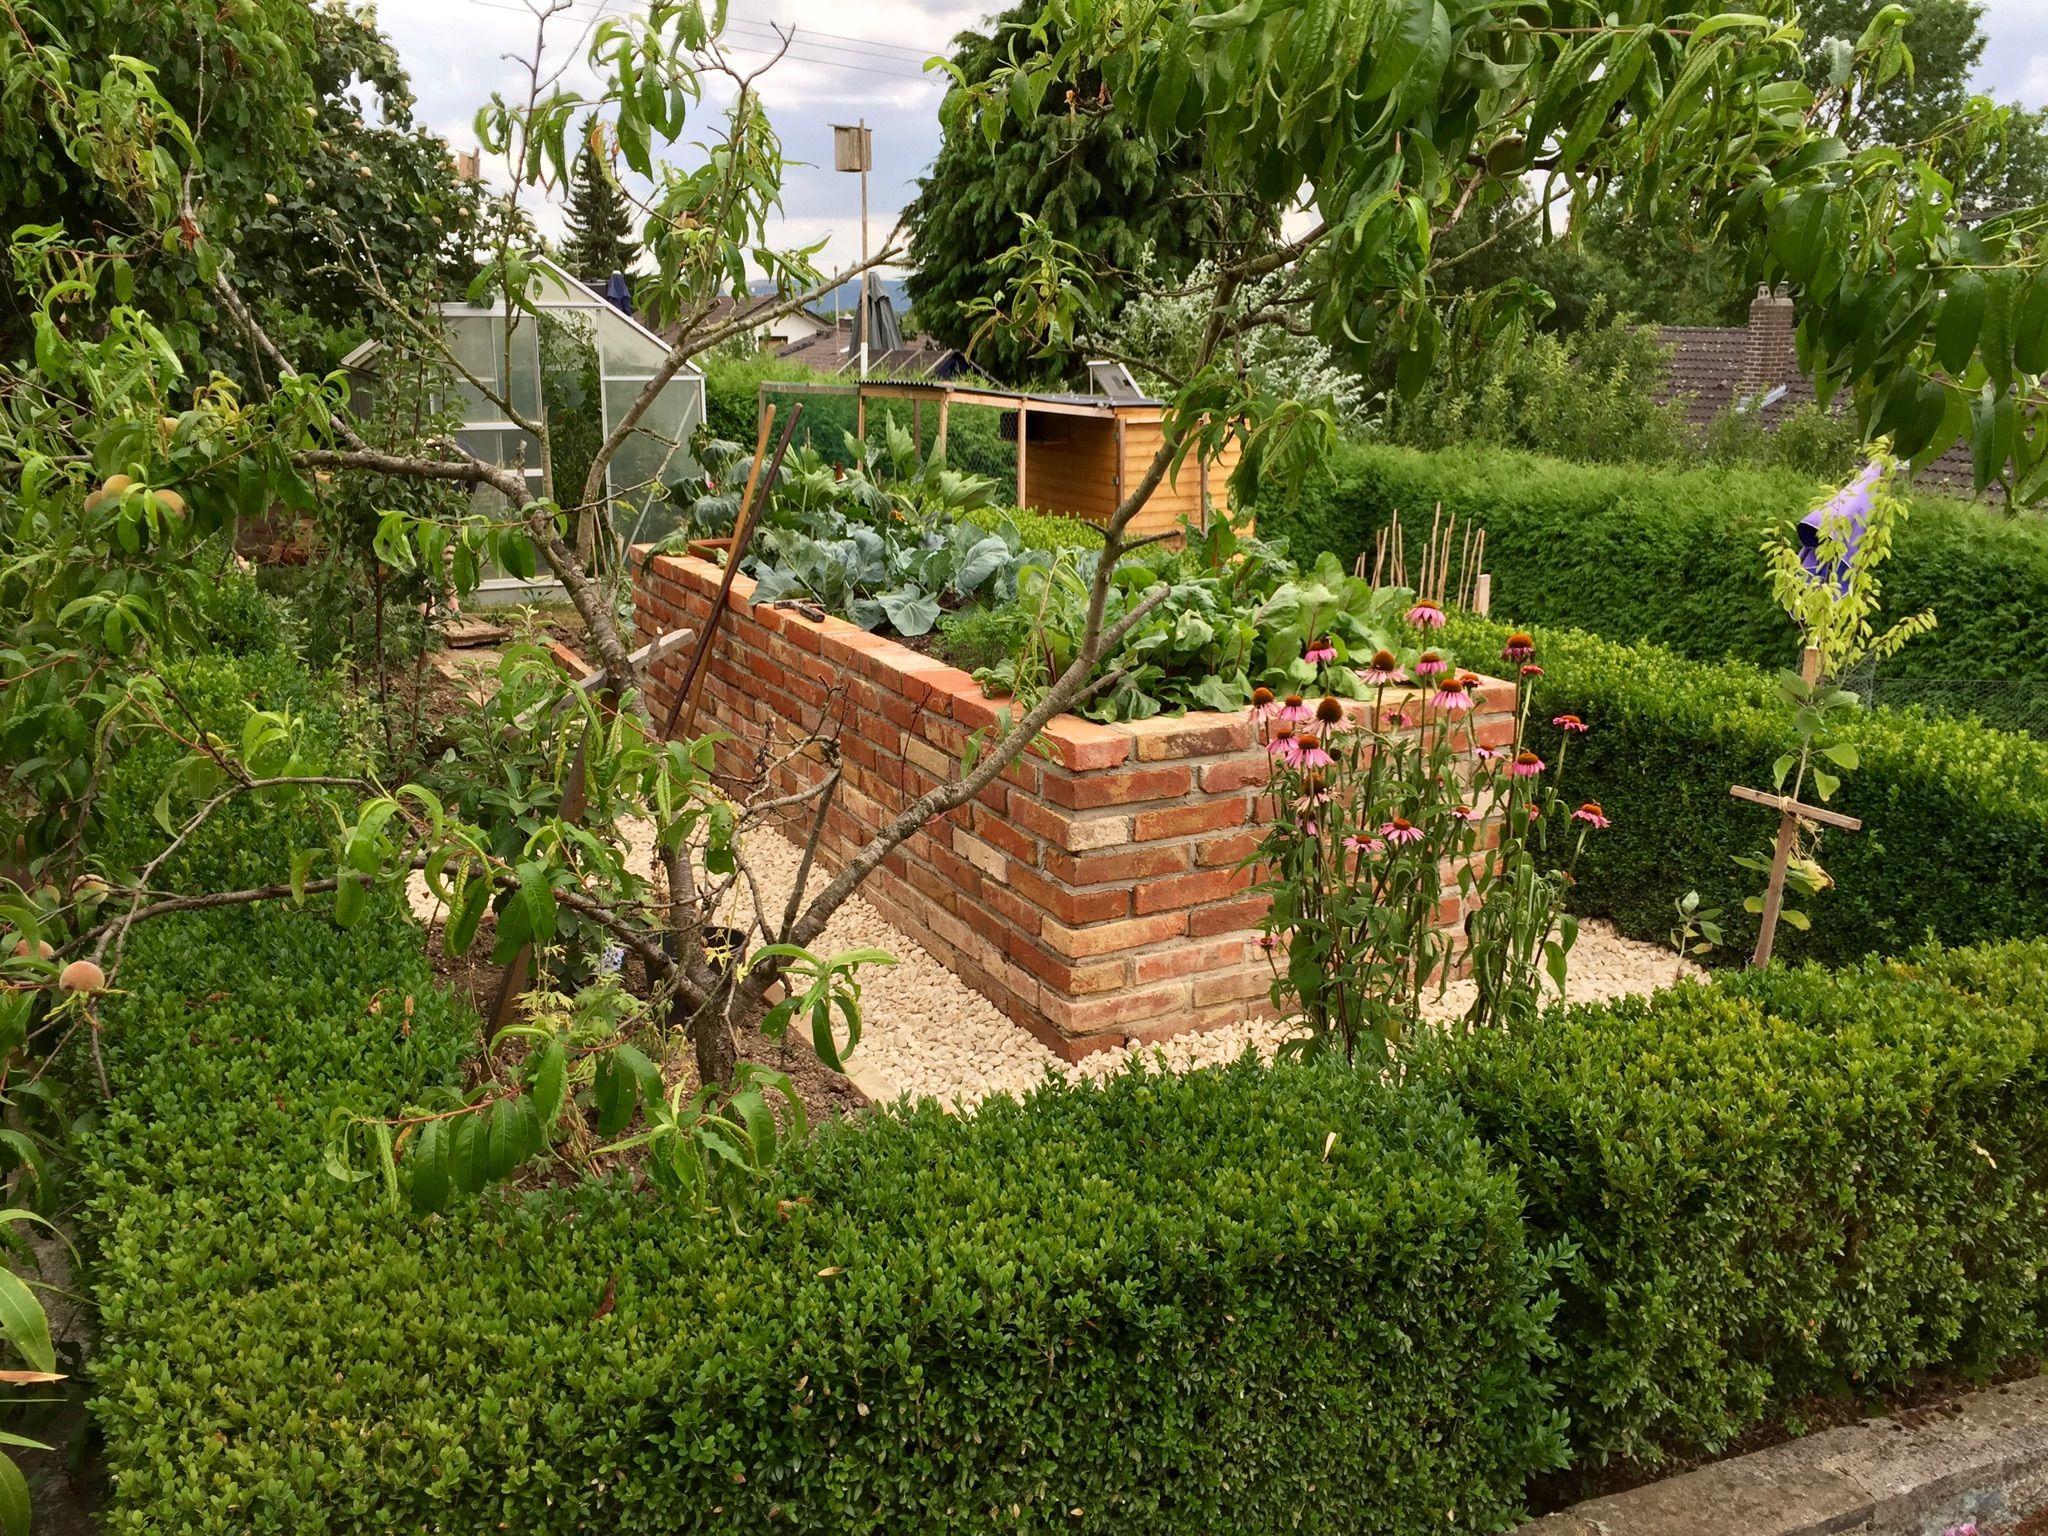 Gemeinsame Hochbeet selbst gemauert | Garten | Hochbeet und Garten #AM_24